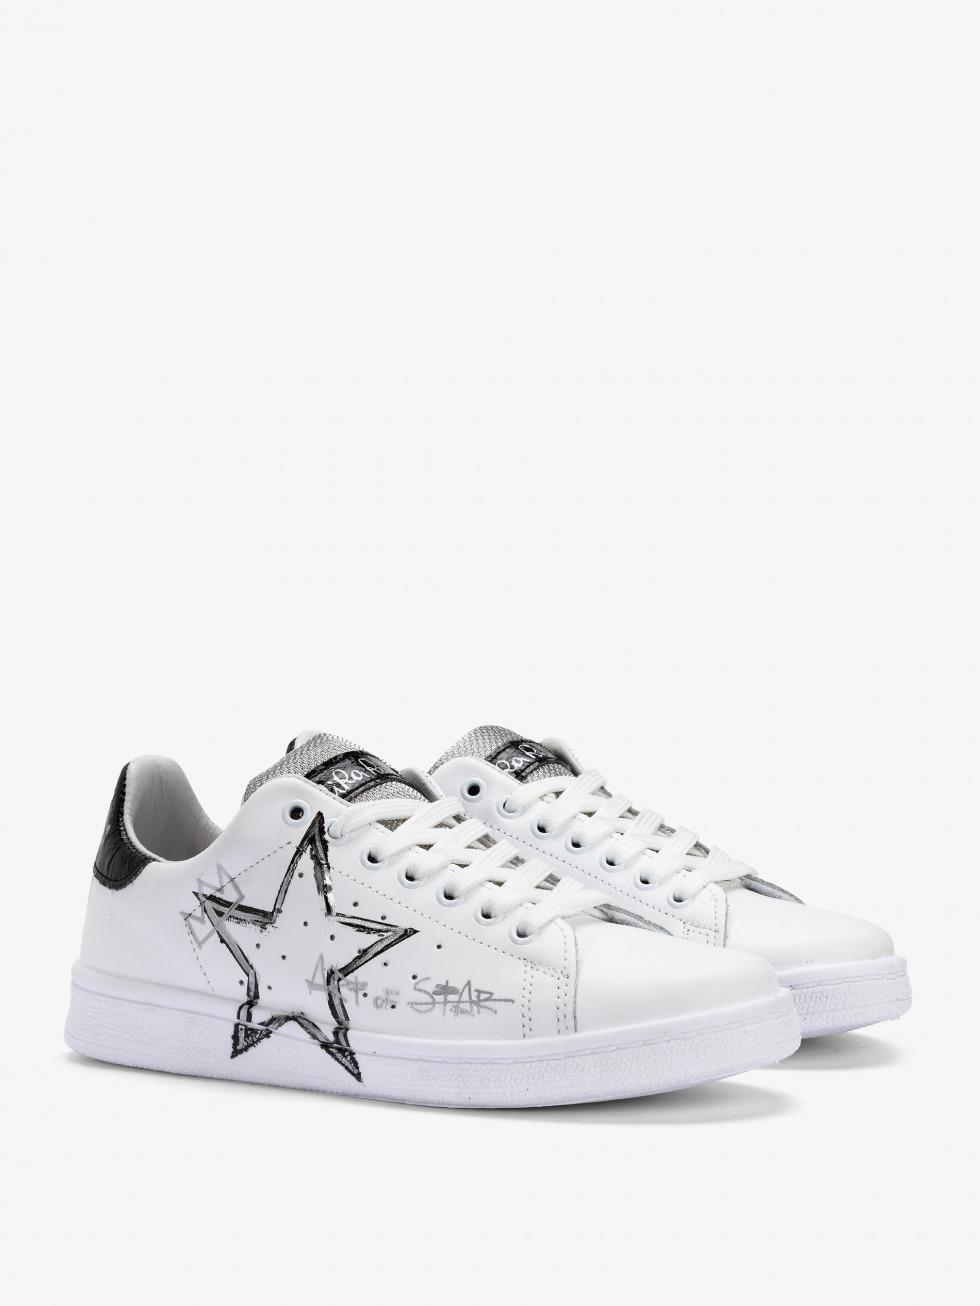 Sneakers alla moda da donna - Daiquiri Stella Space Iron